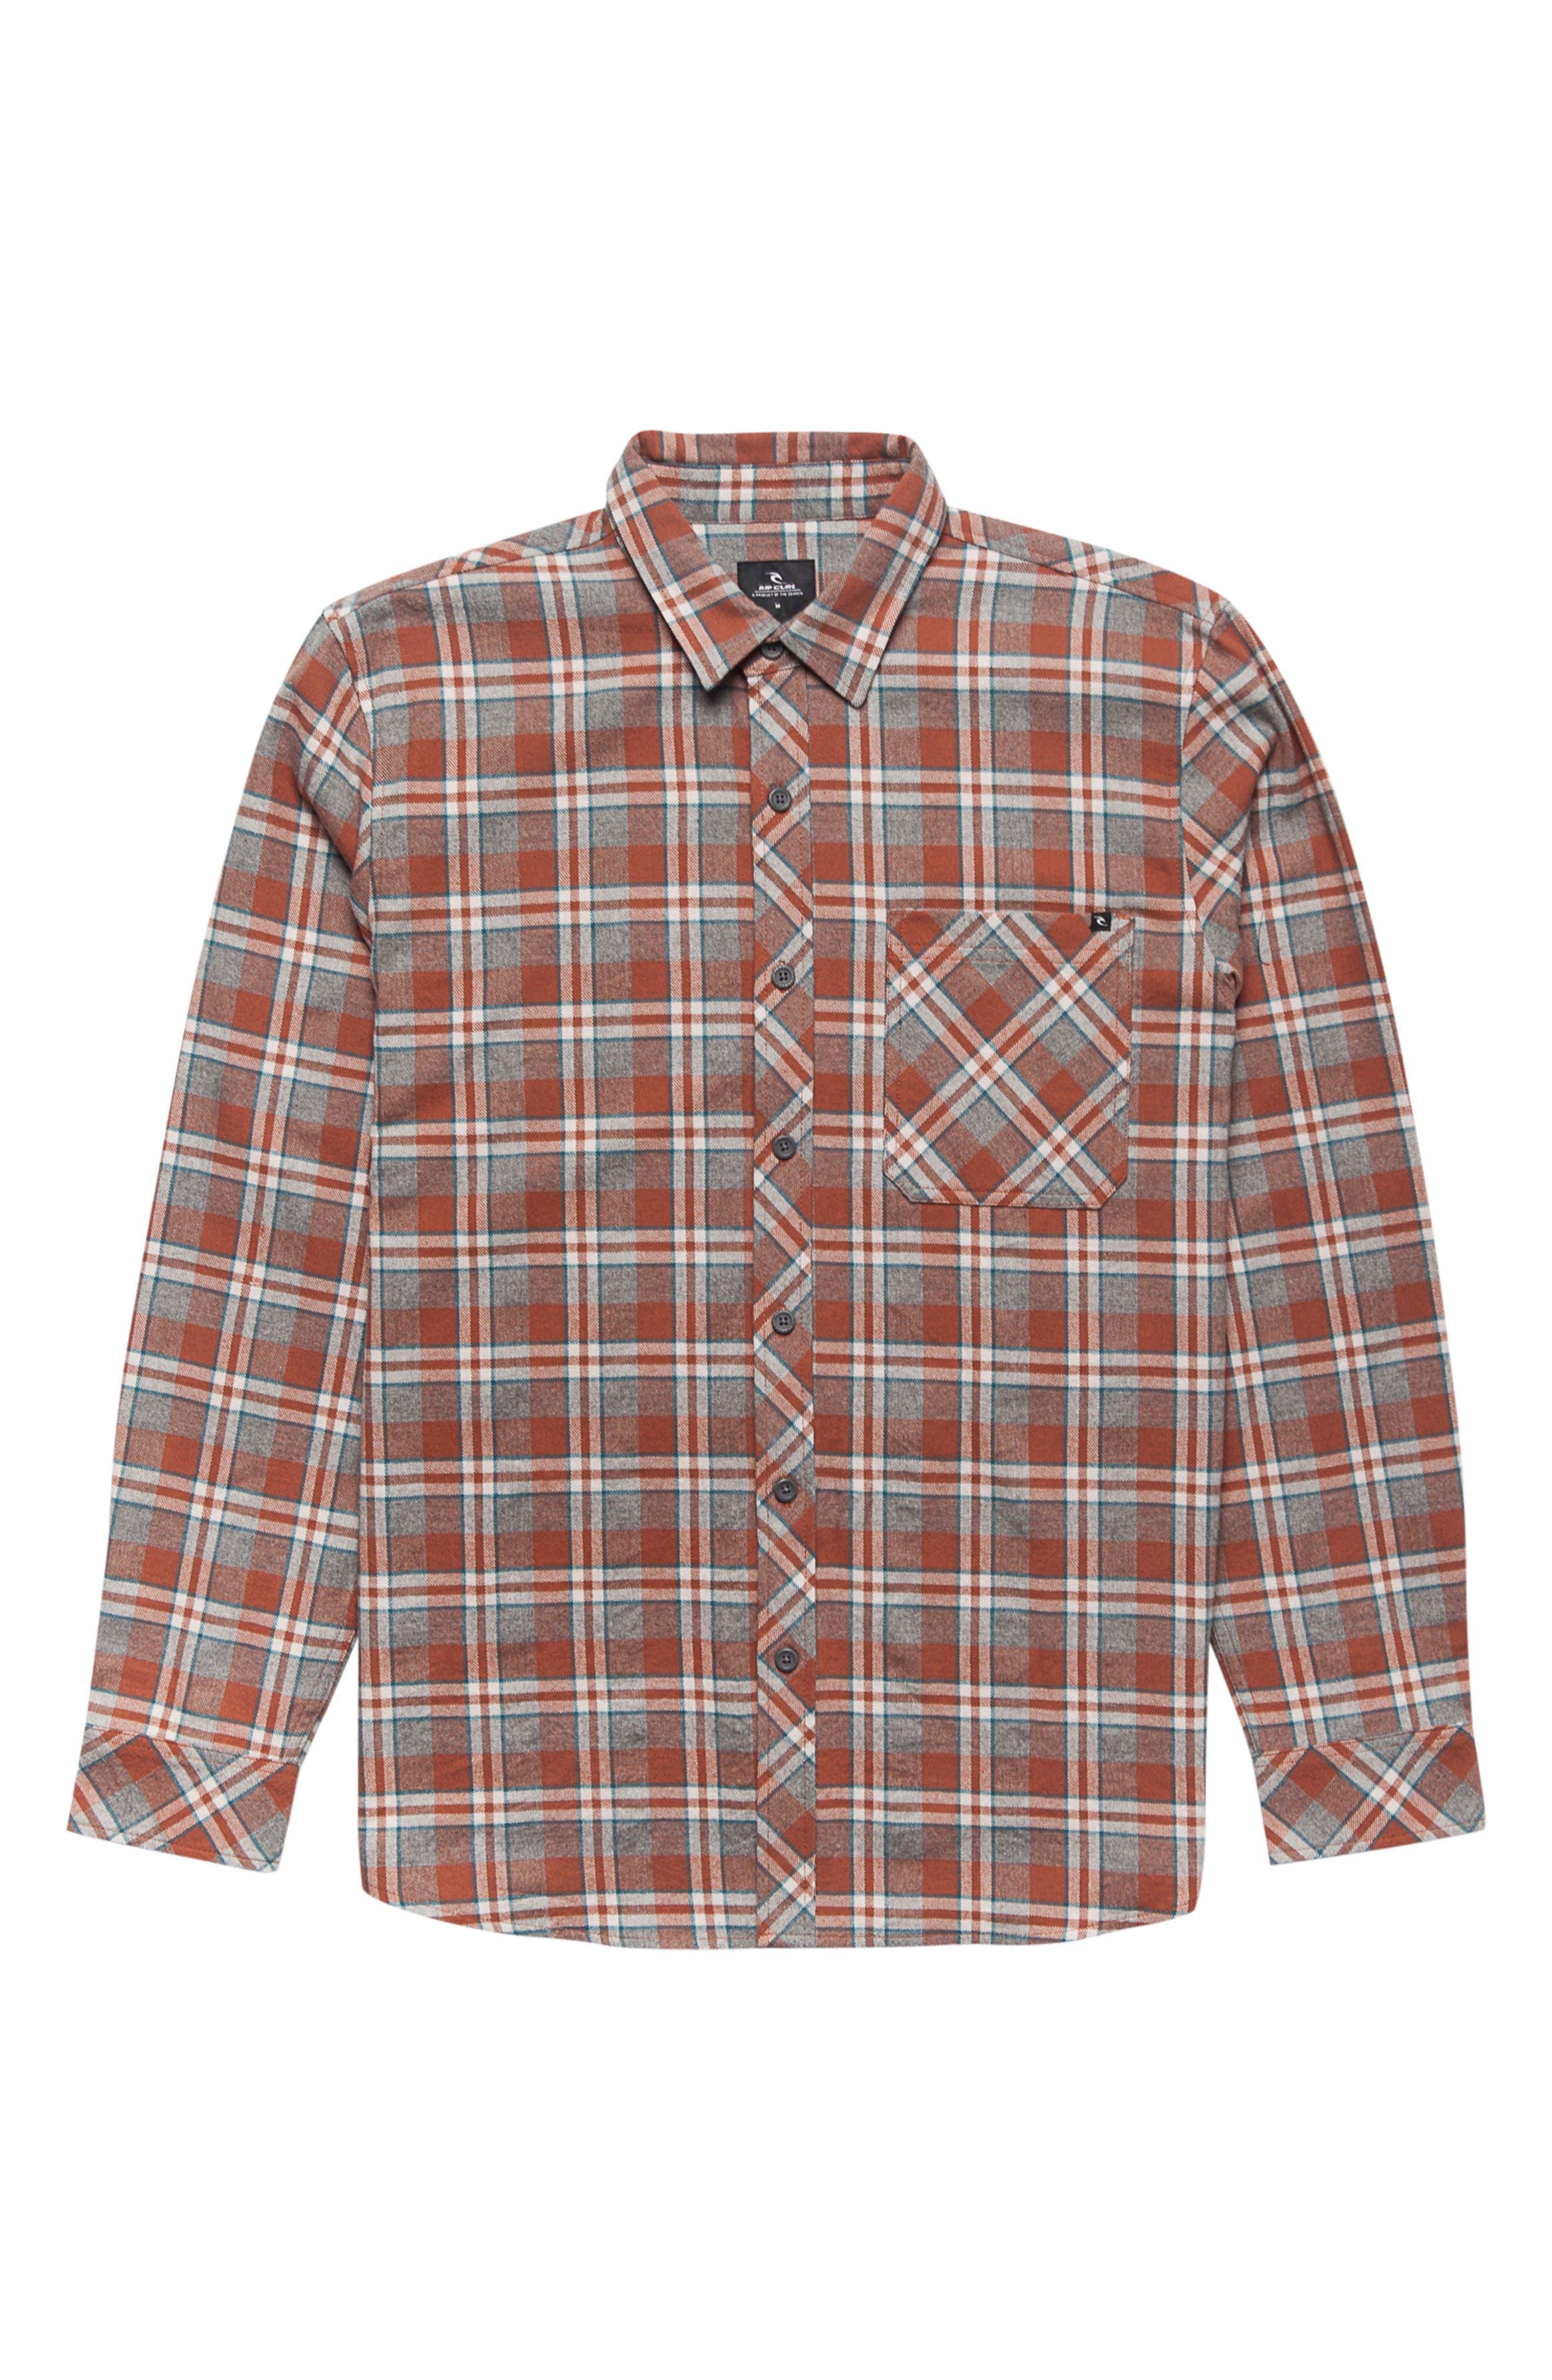 Main Image - Rip Curl Mundo Plaid Flannel Shirt (Big Boys)